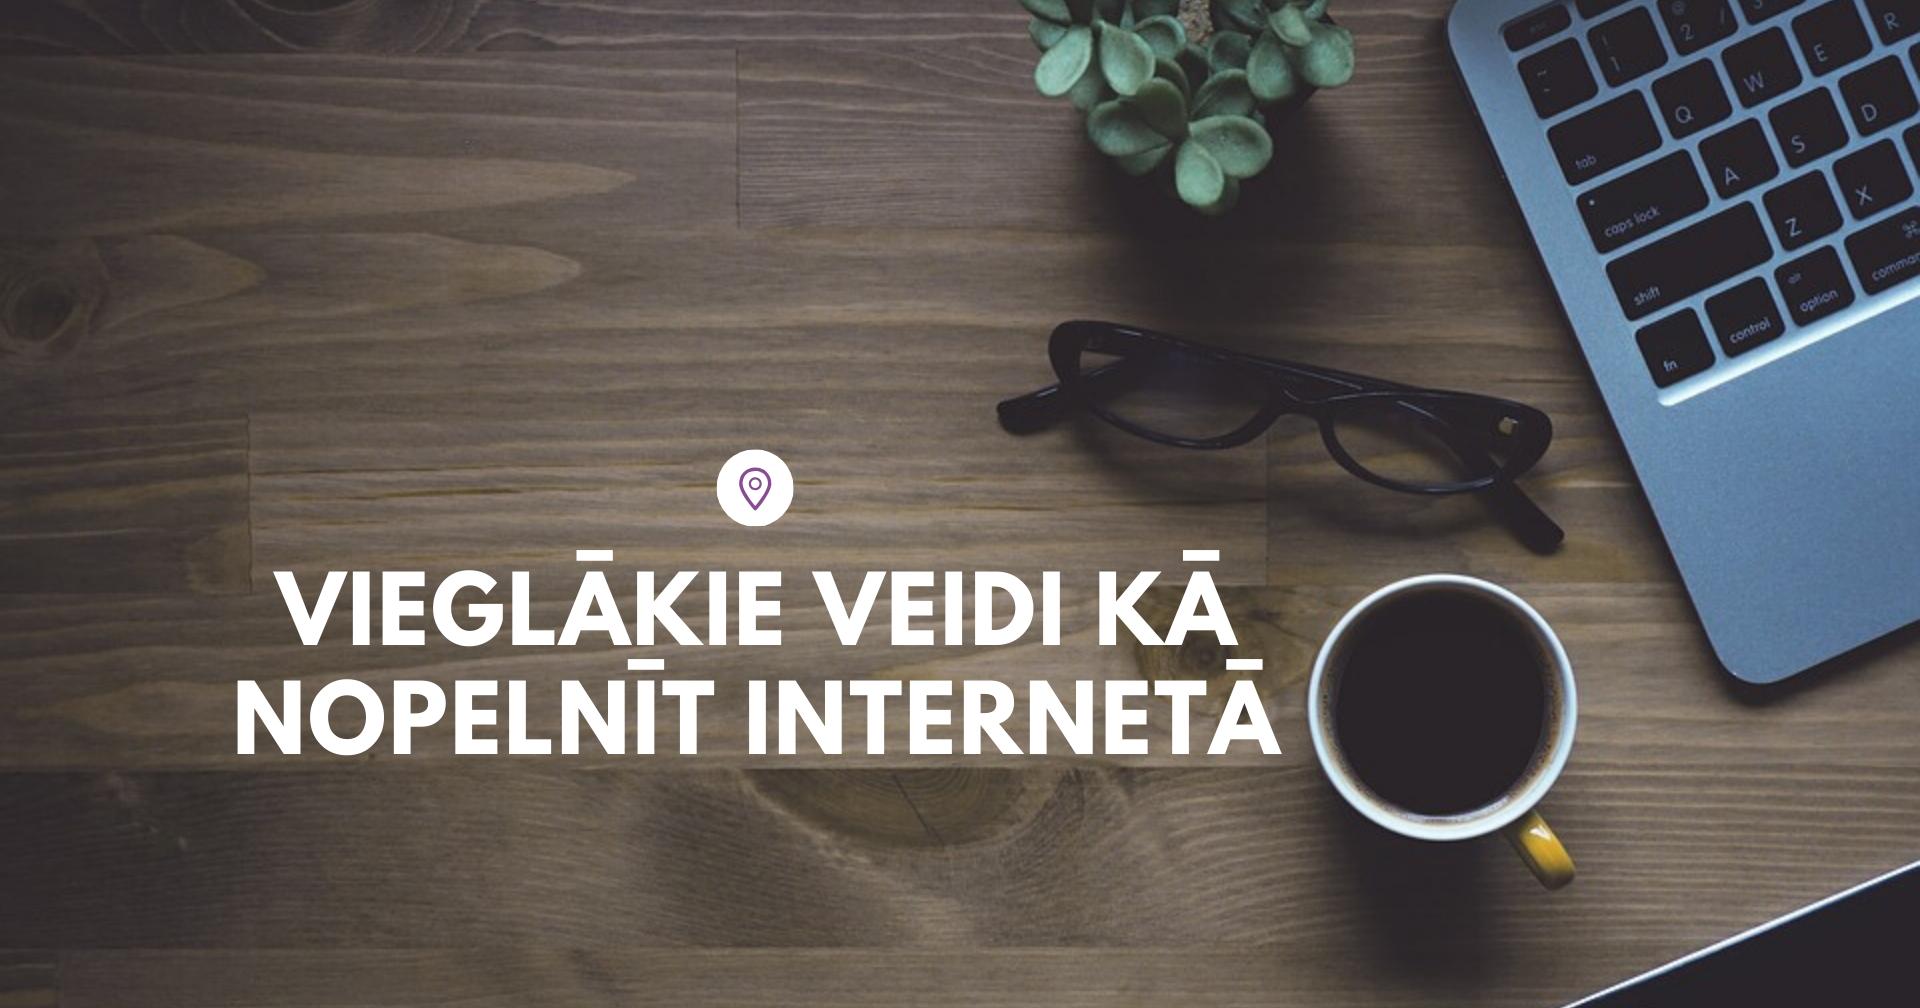 kāds interneta bizness palīdz nopelnīt)